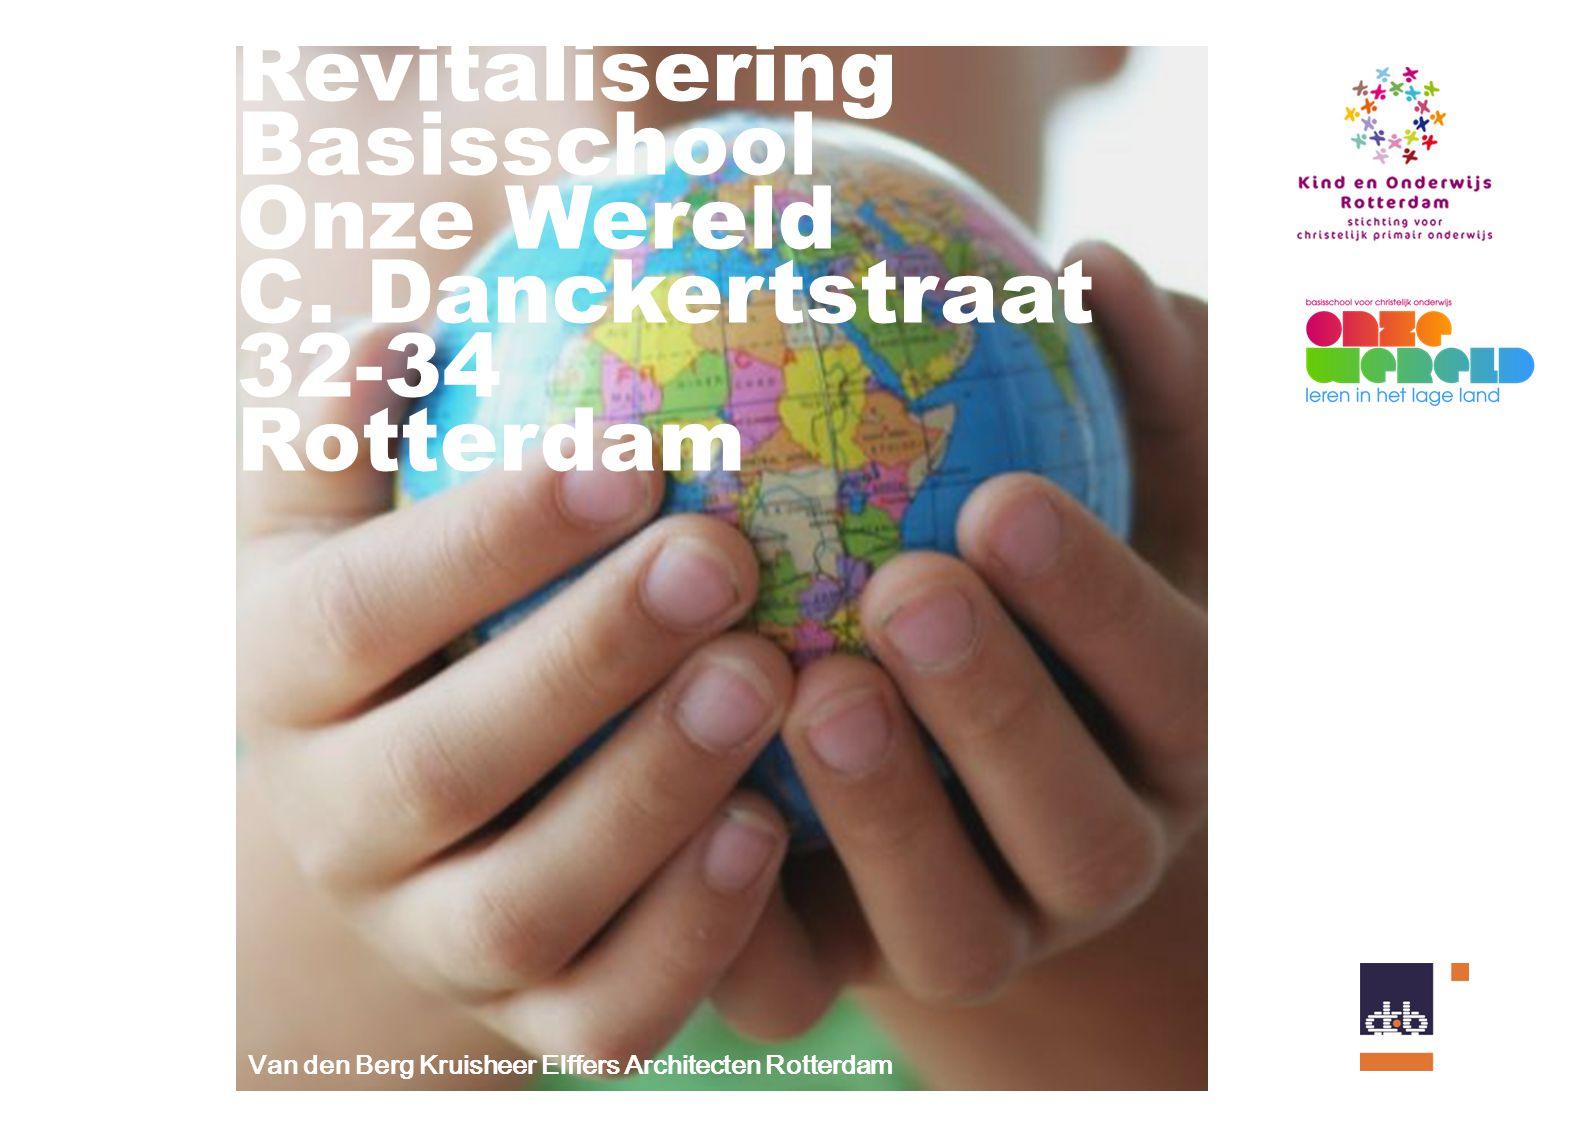 Revitalisering Basisschool Onze Wereld C.